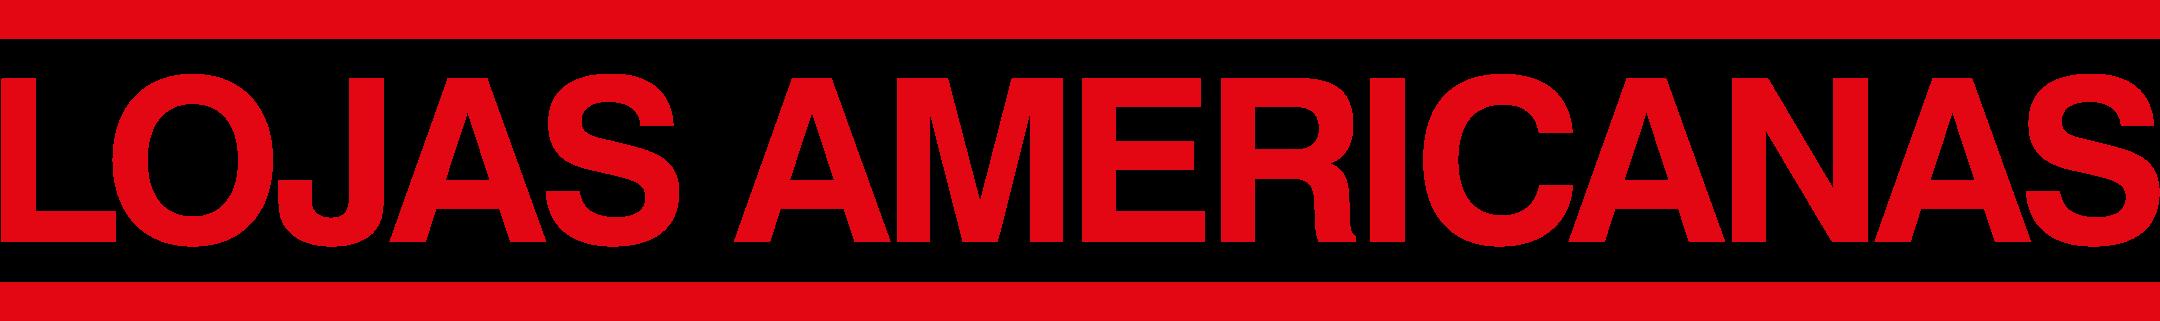 lojas americanas logo 1 - Lojas Americanas Logo